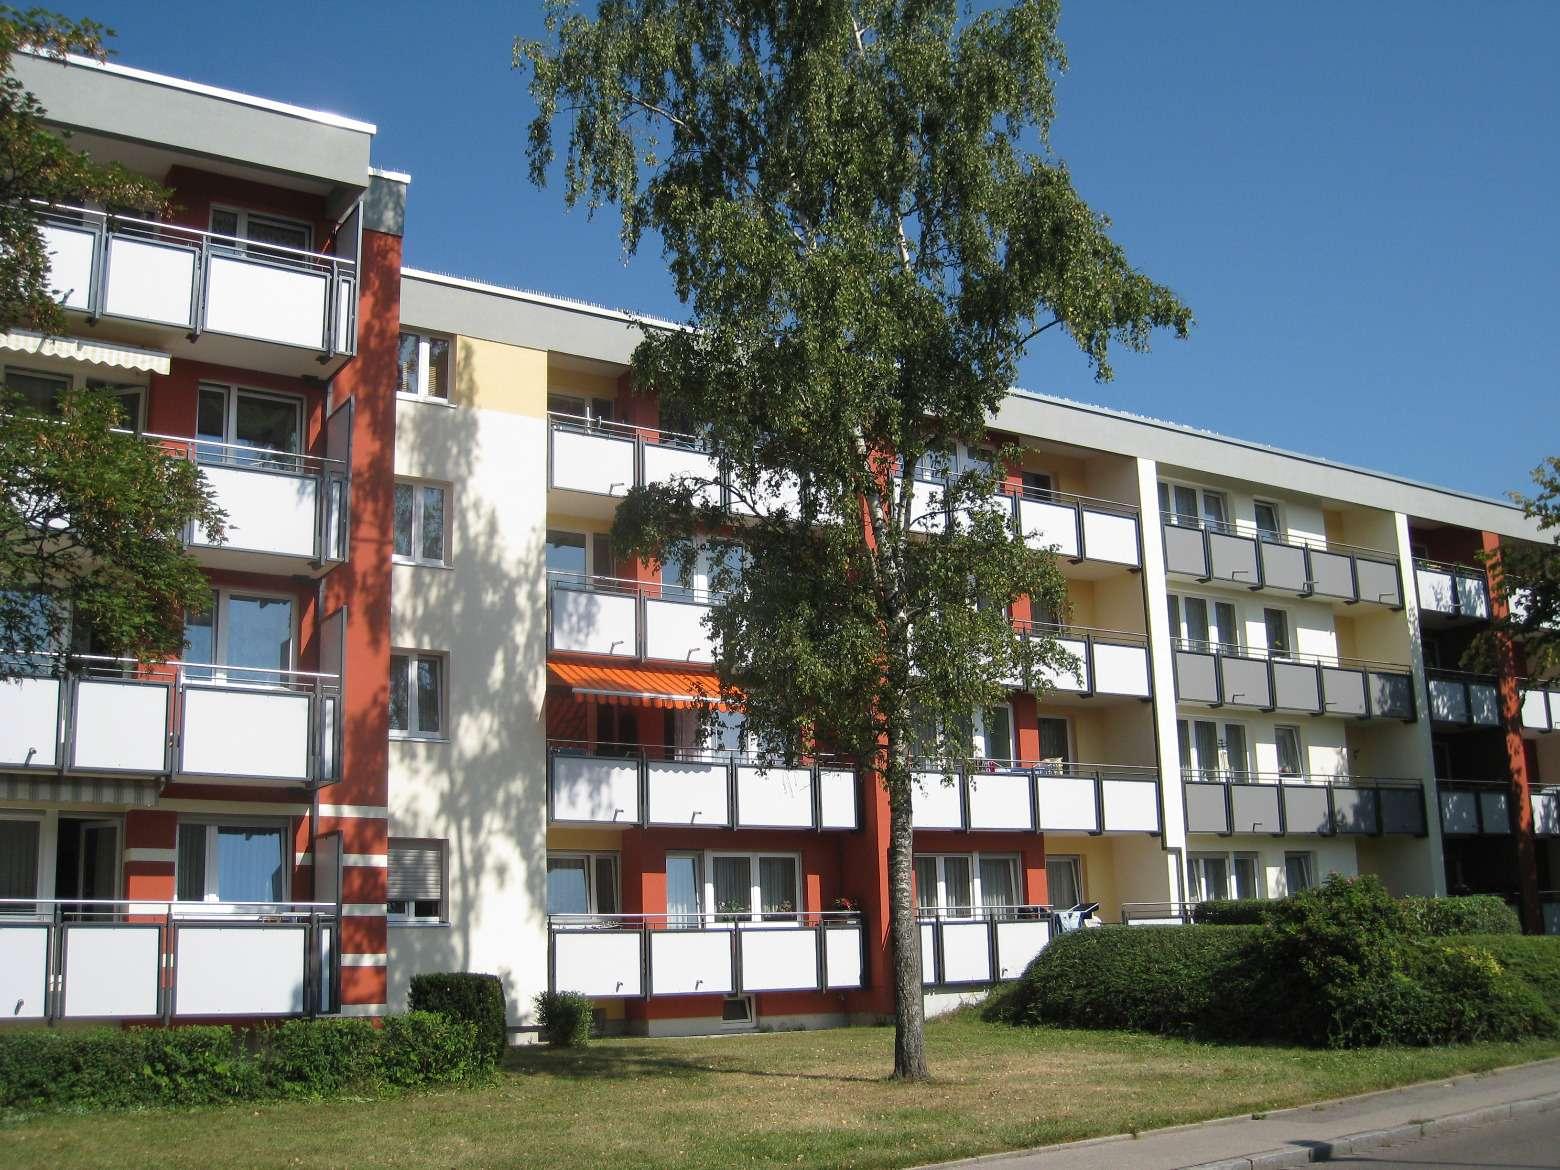 Modernisierte 4-Zimmerwohnung in Augsburg-Hammerschmiede zu vermieten in Hammerschmiede (Augsburg)